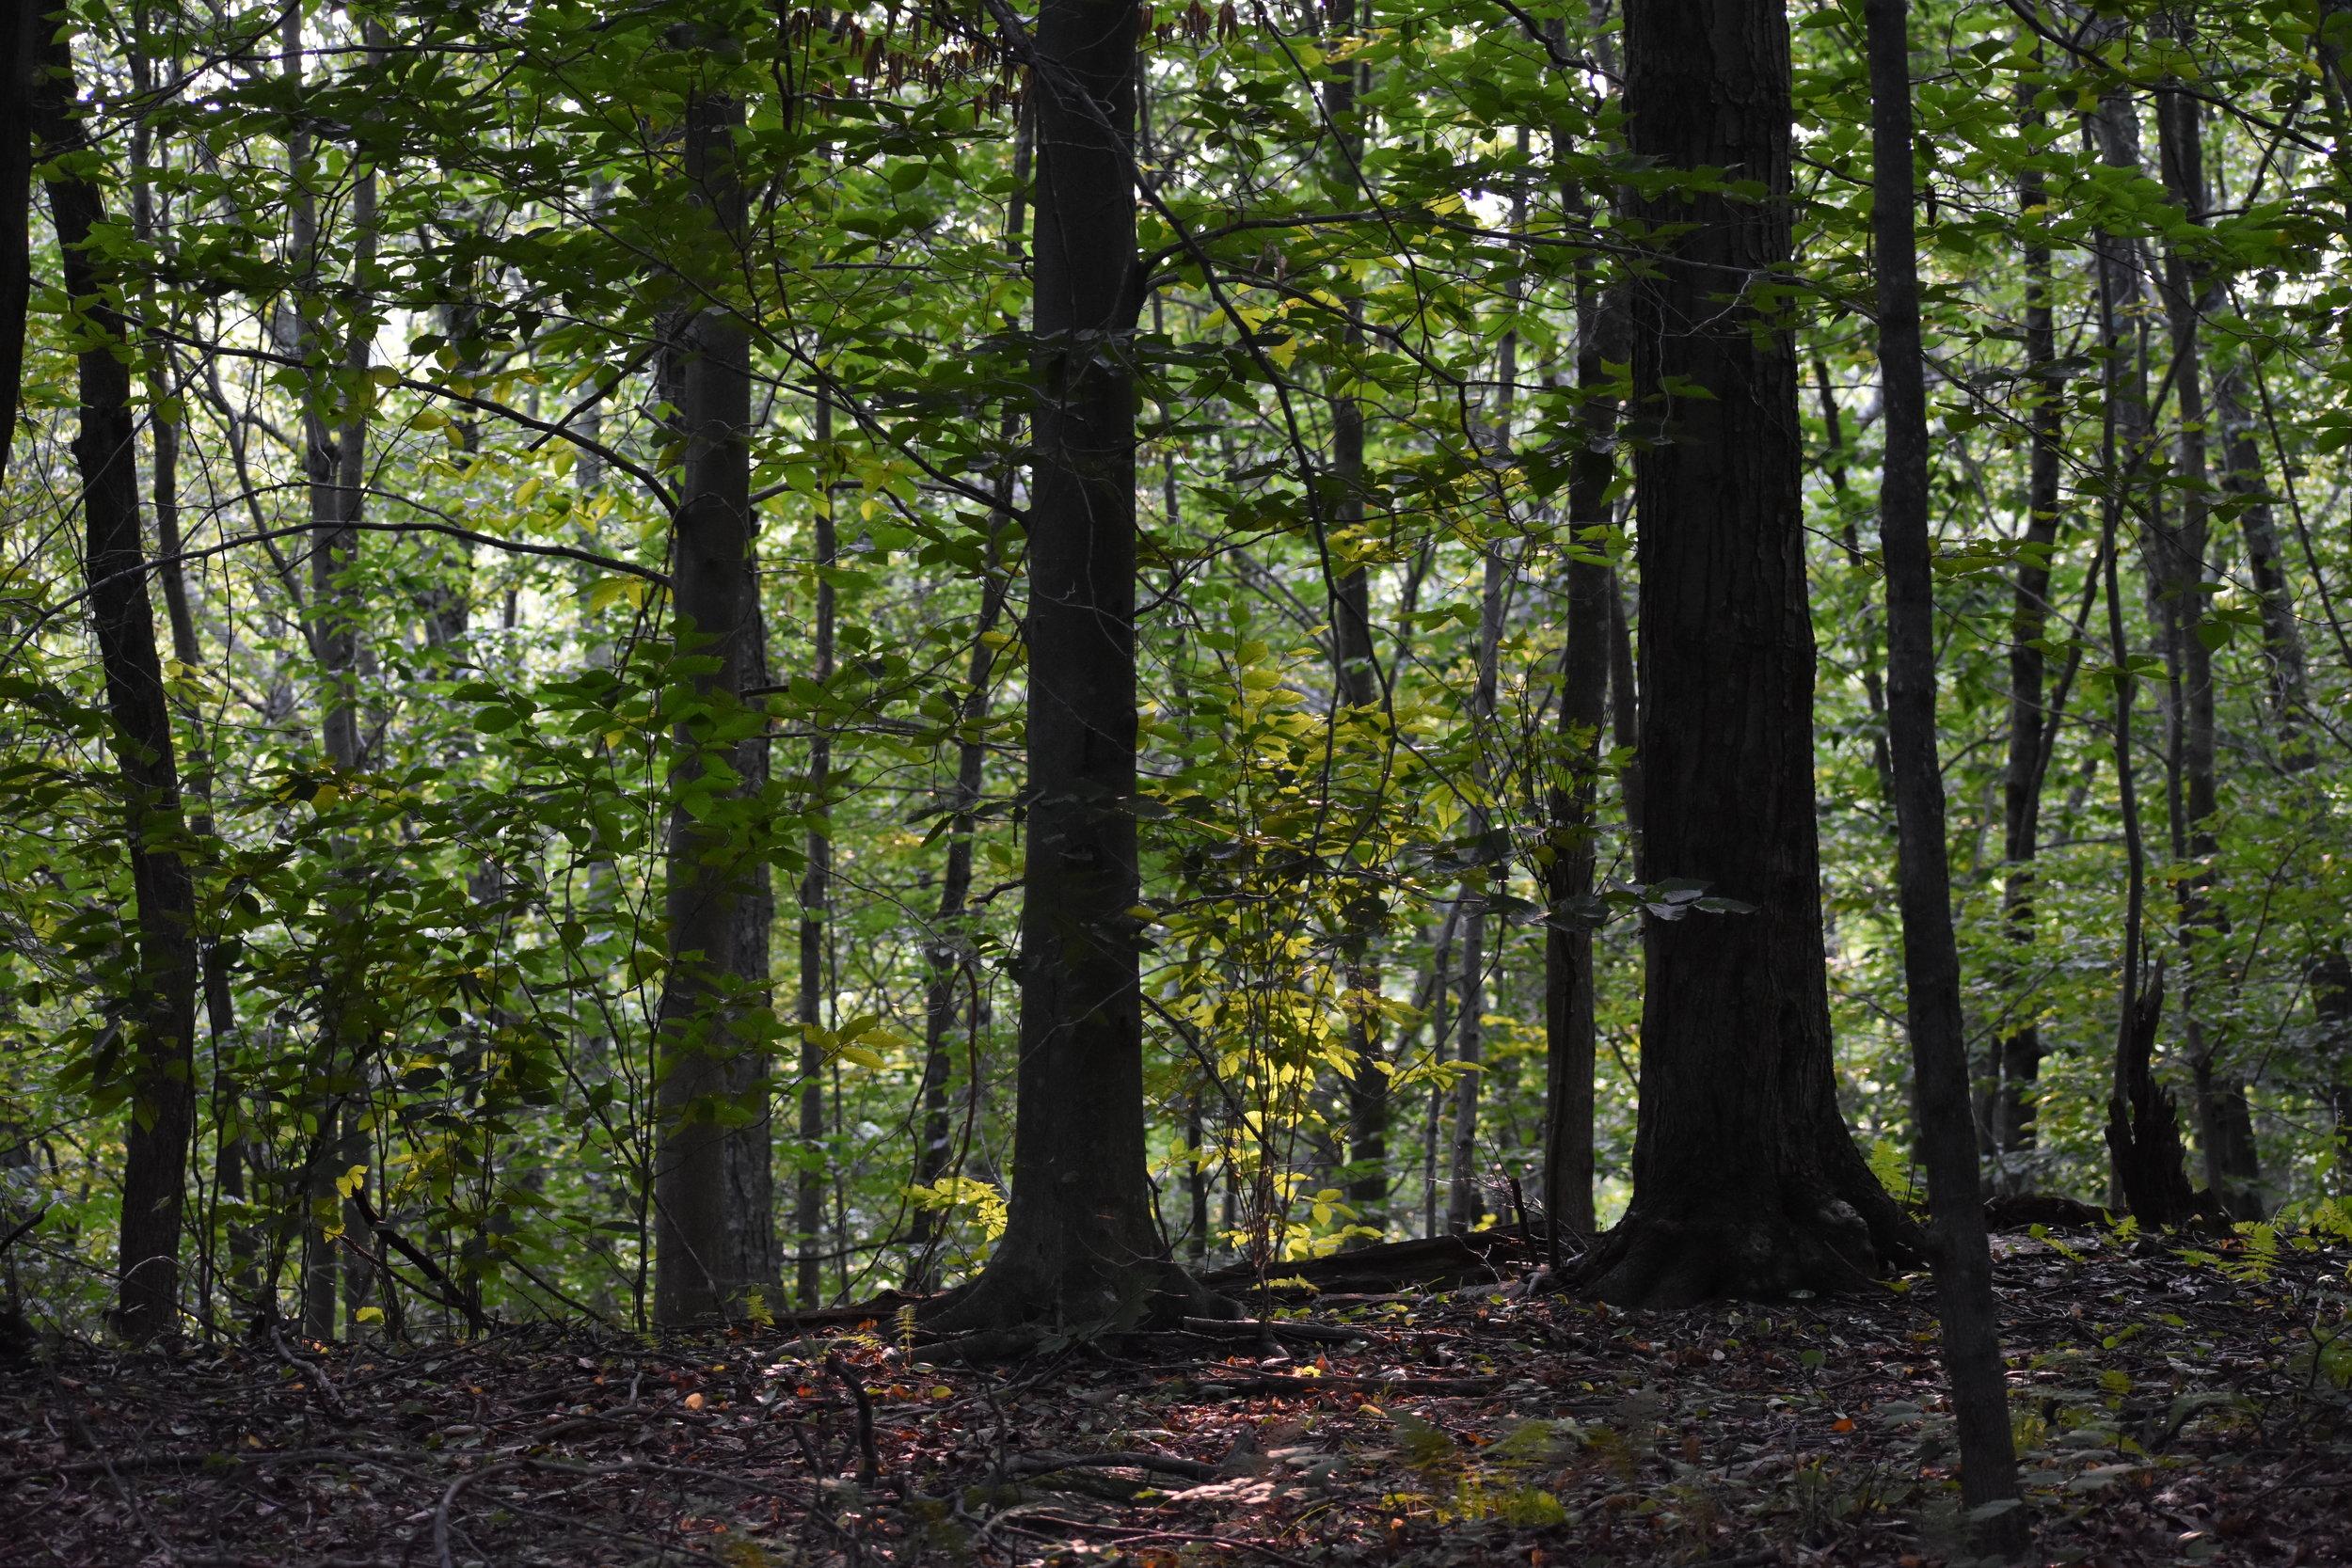 Habitat: Mature Forest